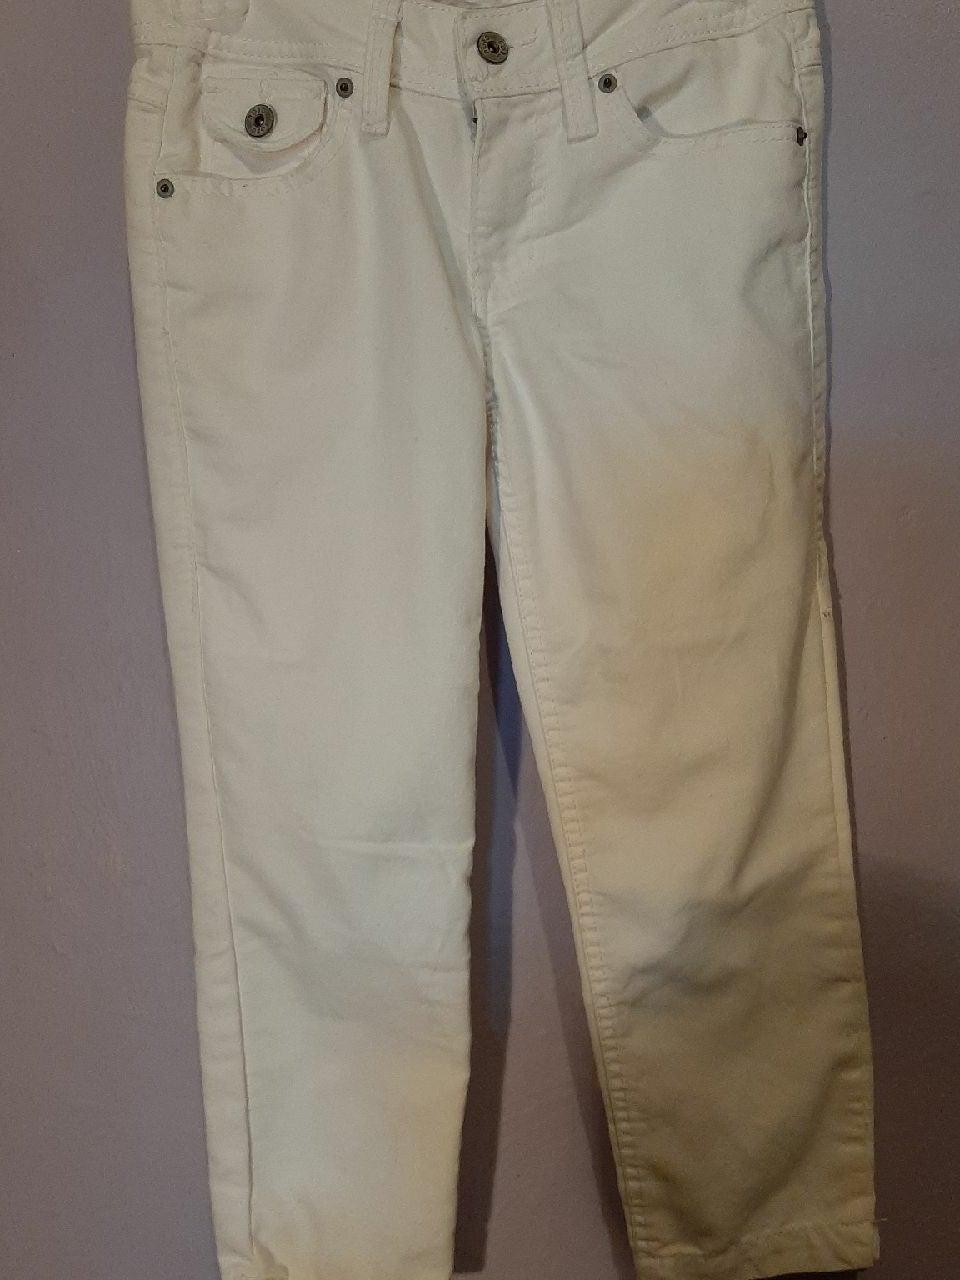 Womens Capris Jeans